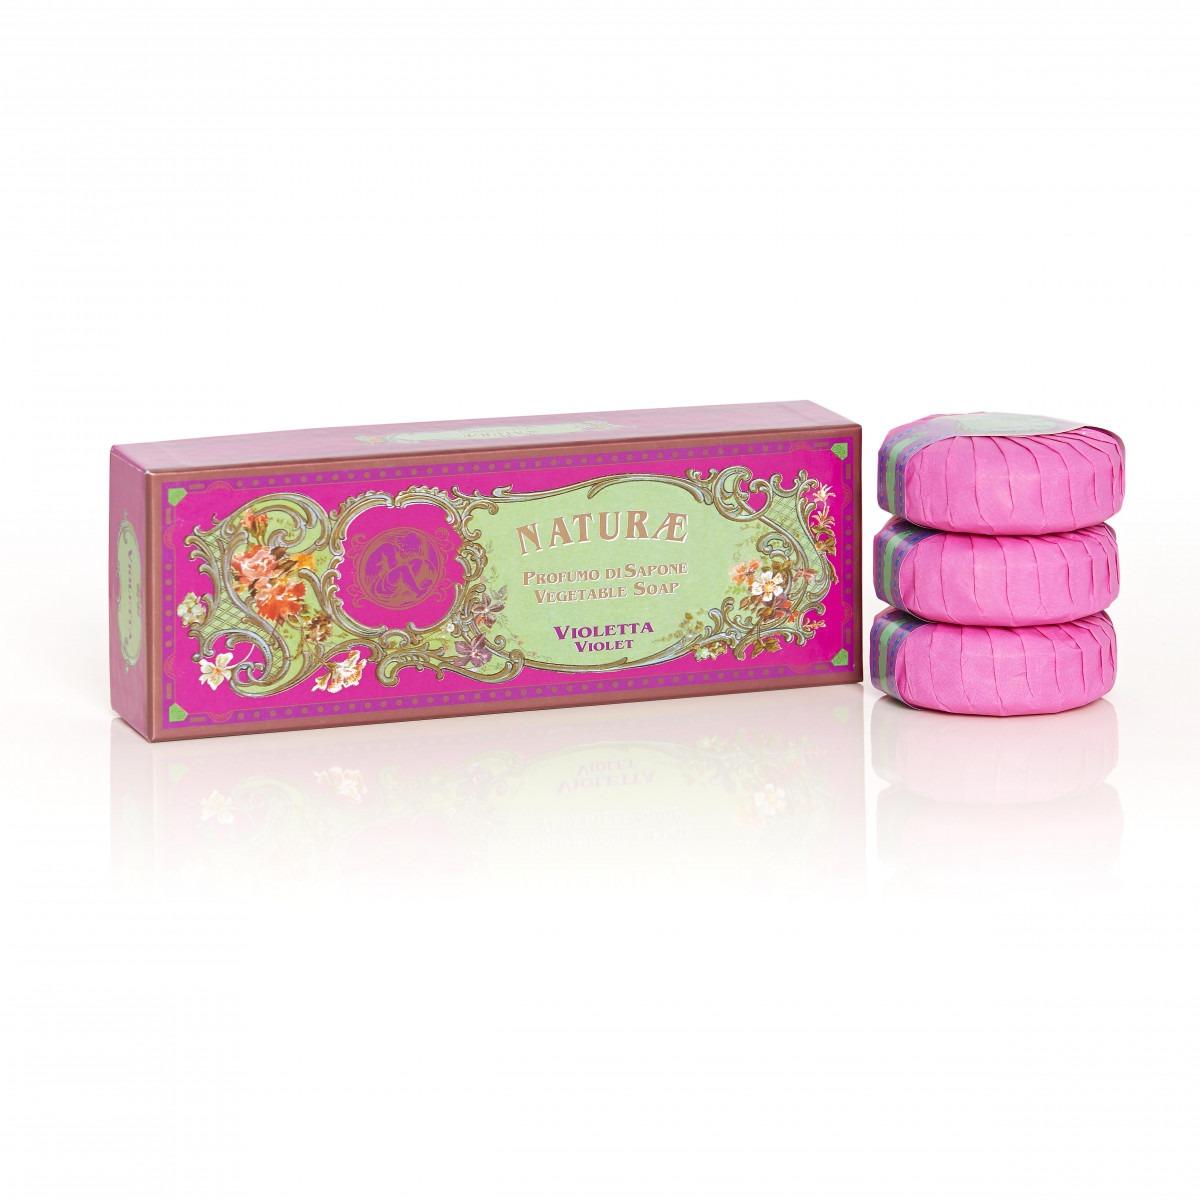 Naturae By Franco Zarri Violet Box Of 3 Soaps